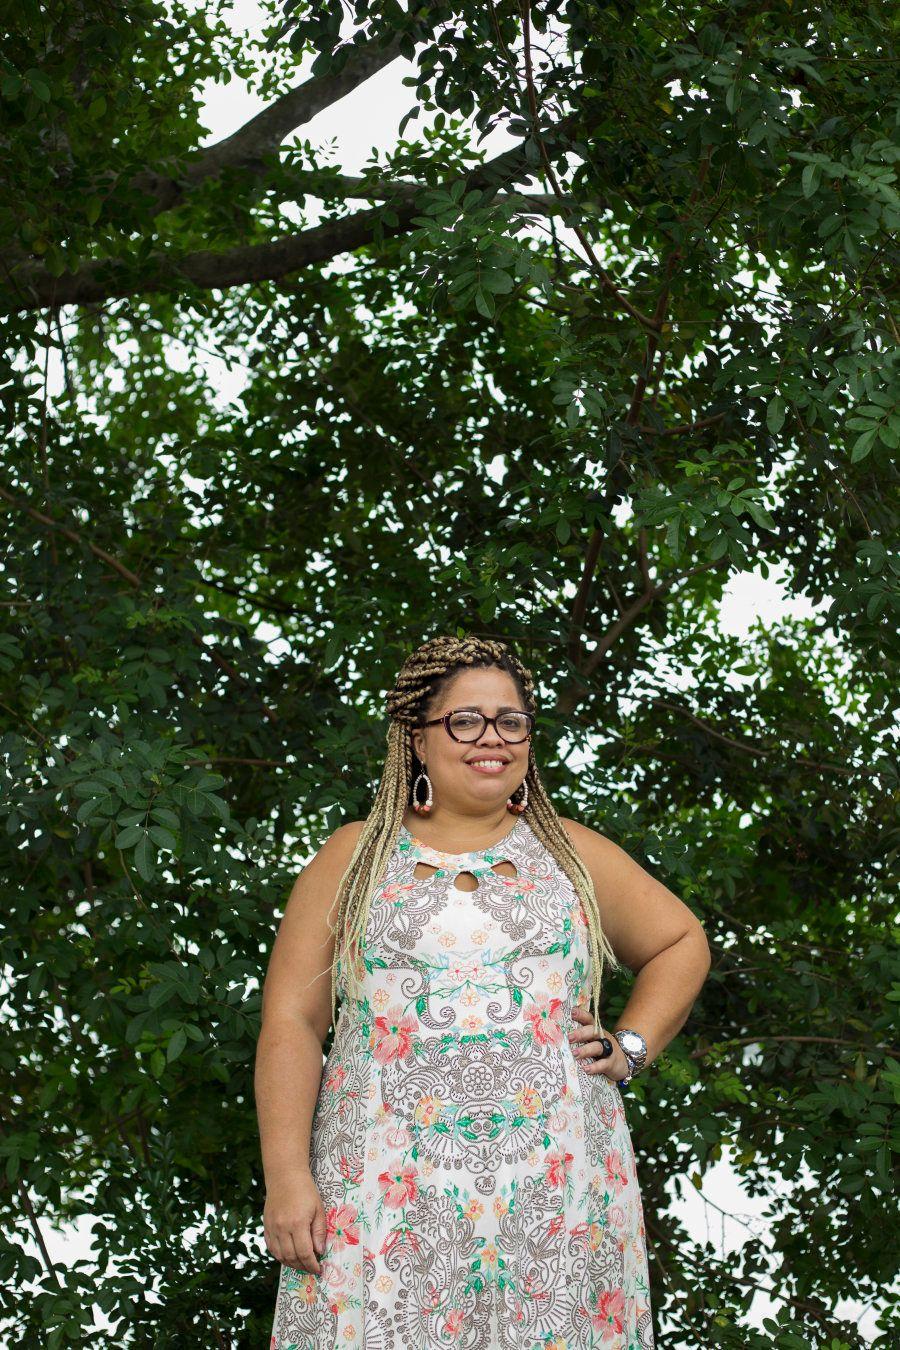 Ela criou associação 'Apadrinhe um Sorriso' para ajudar crianças da favela em que mora no Rio de